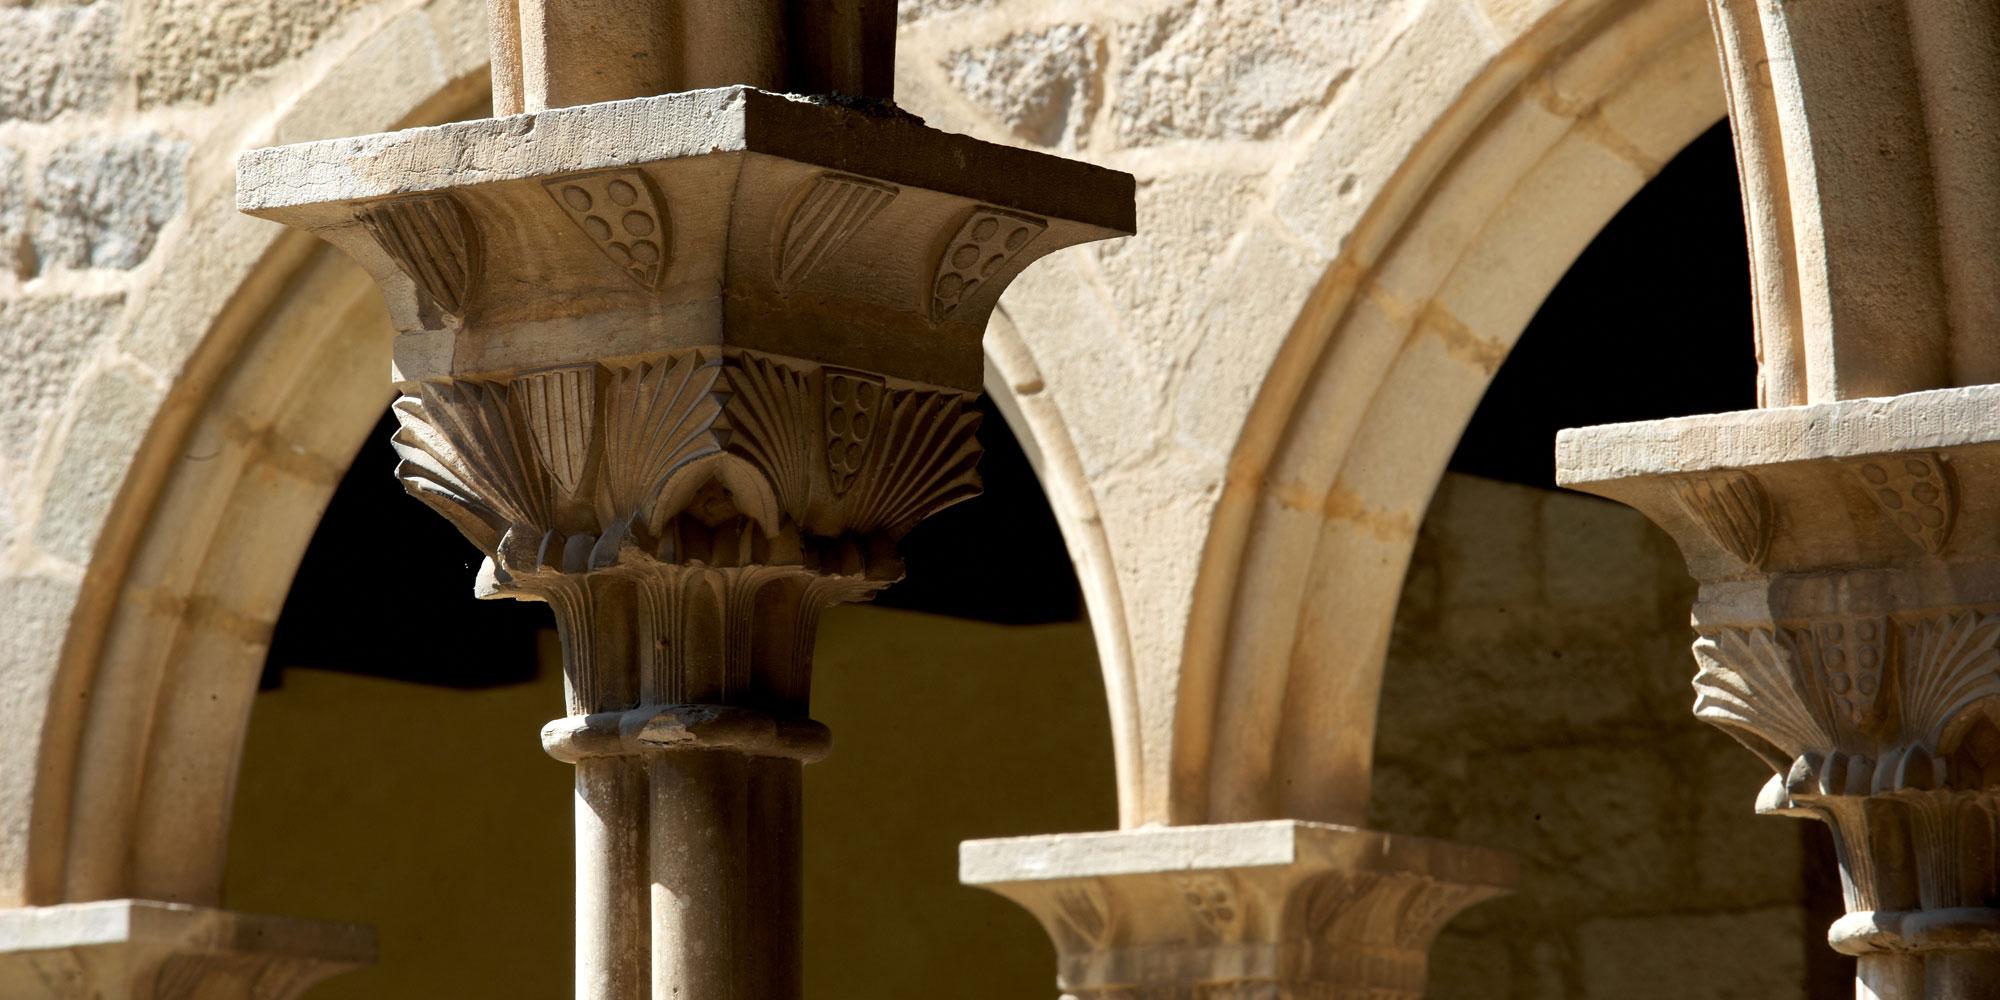 detall capitells claustre